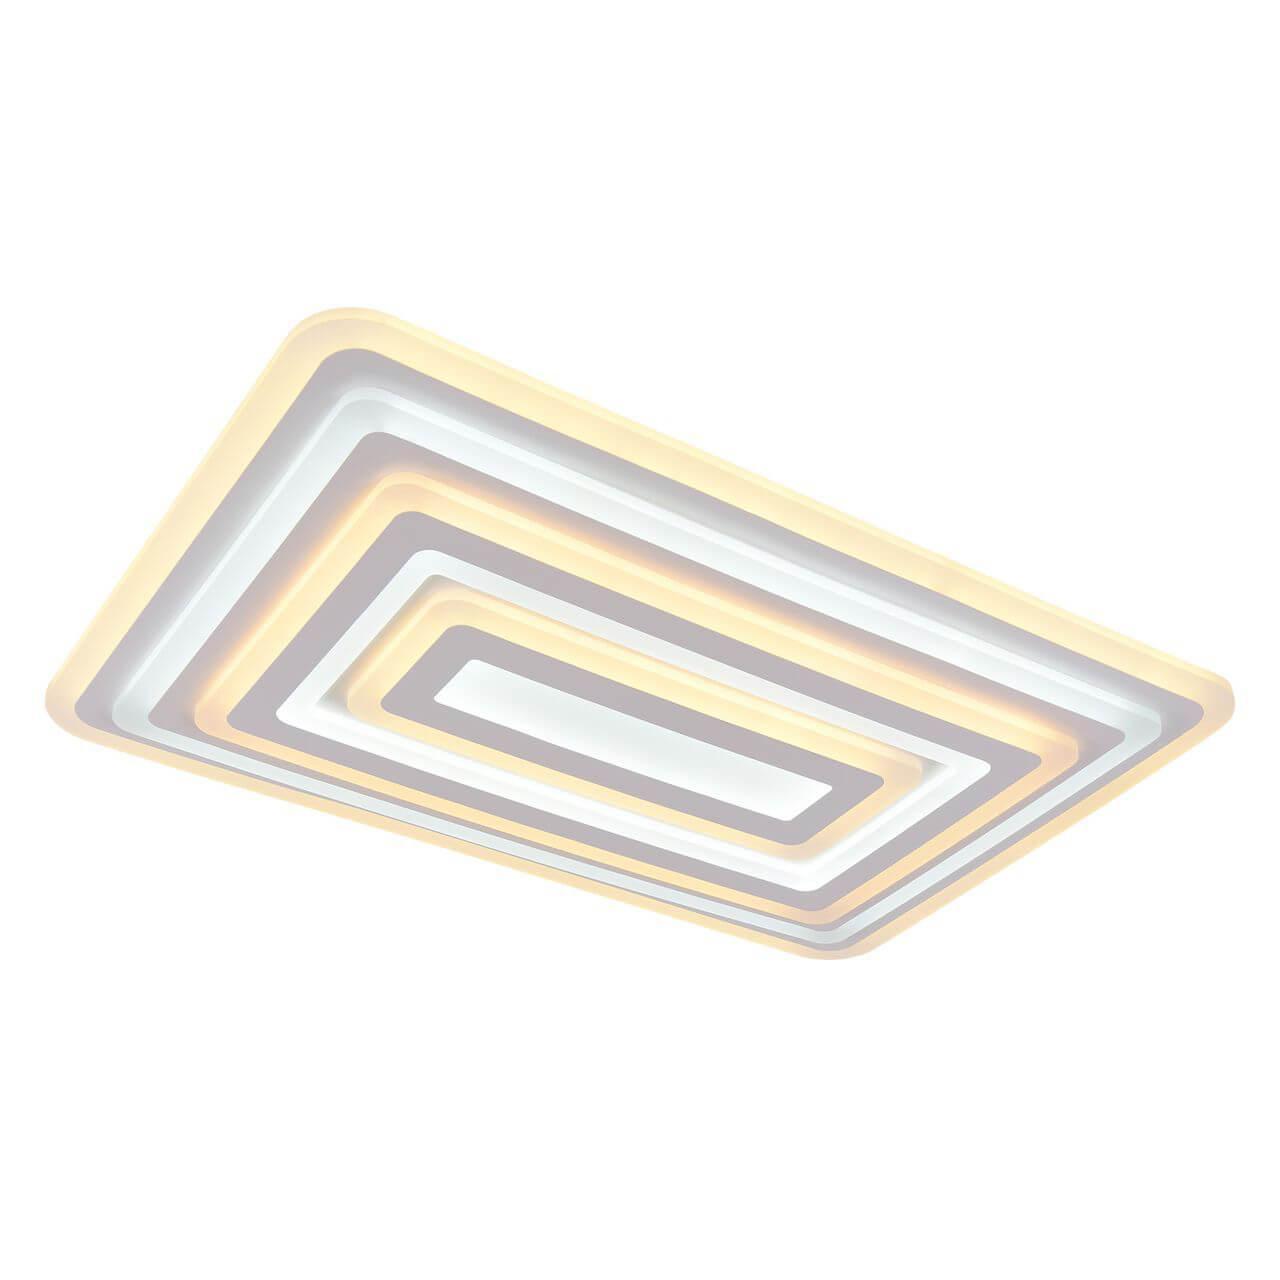 Потолочный светильник Omnilux OML-06307-150, LED, 150 Вт